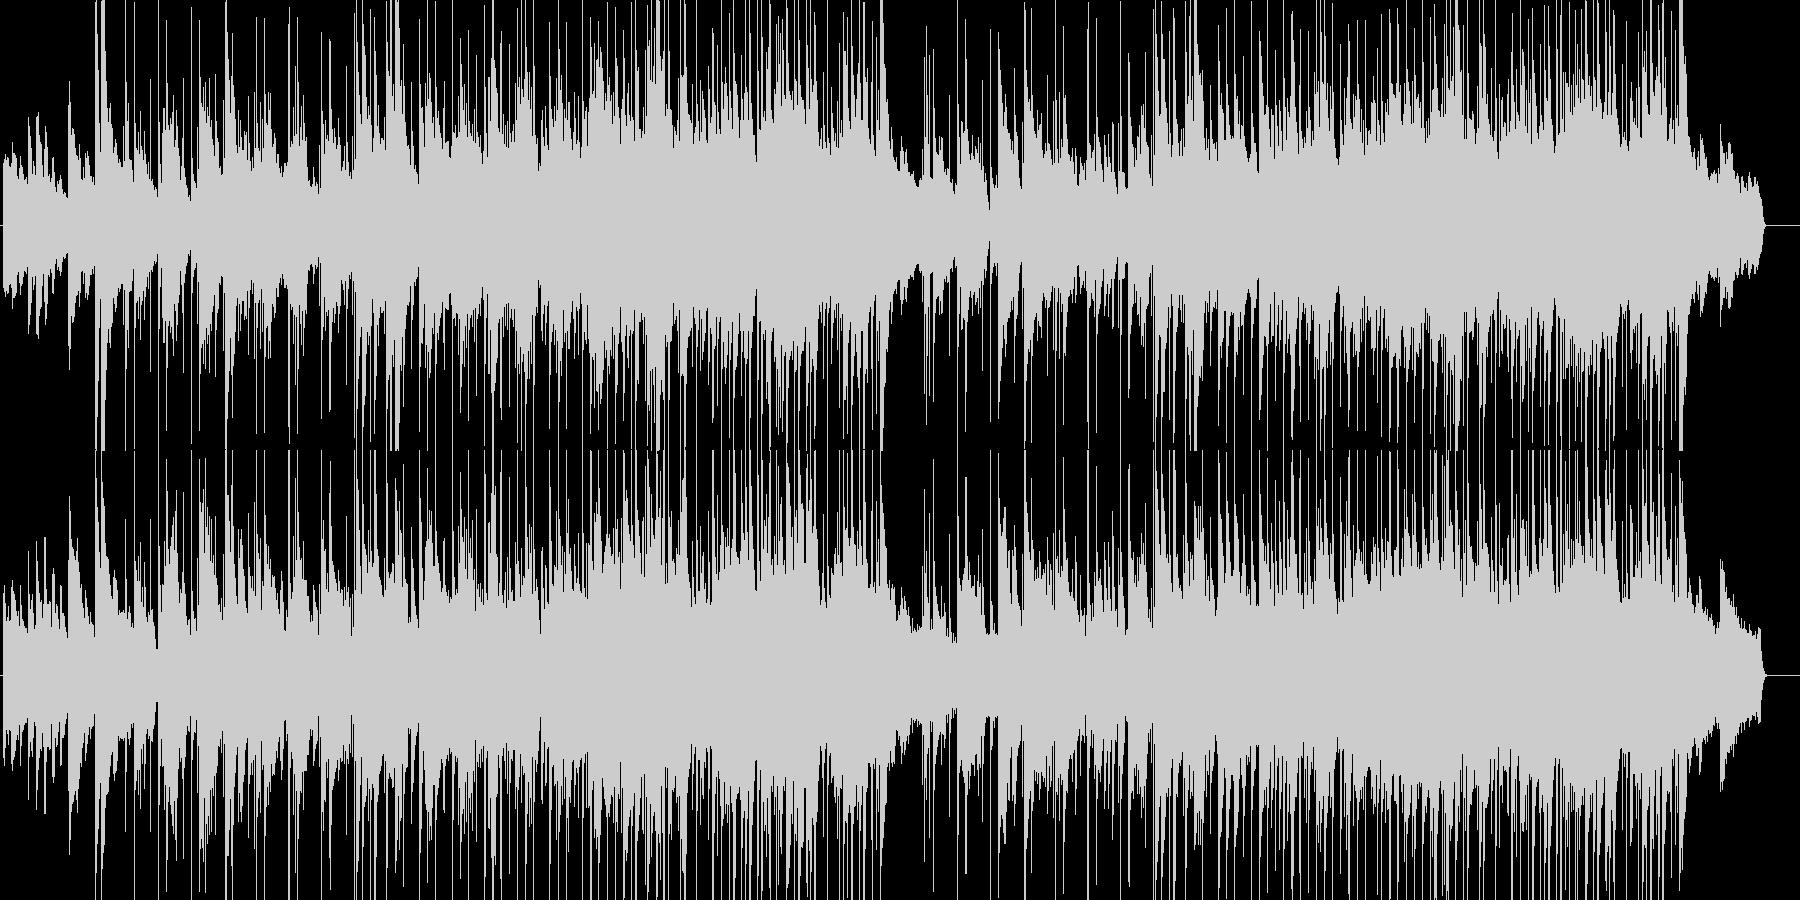 ブライダルにぴったりの穏やかで感動的な曲の未再生の波形